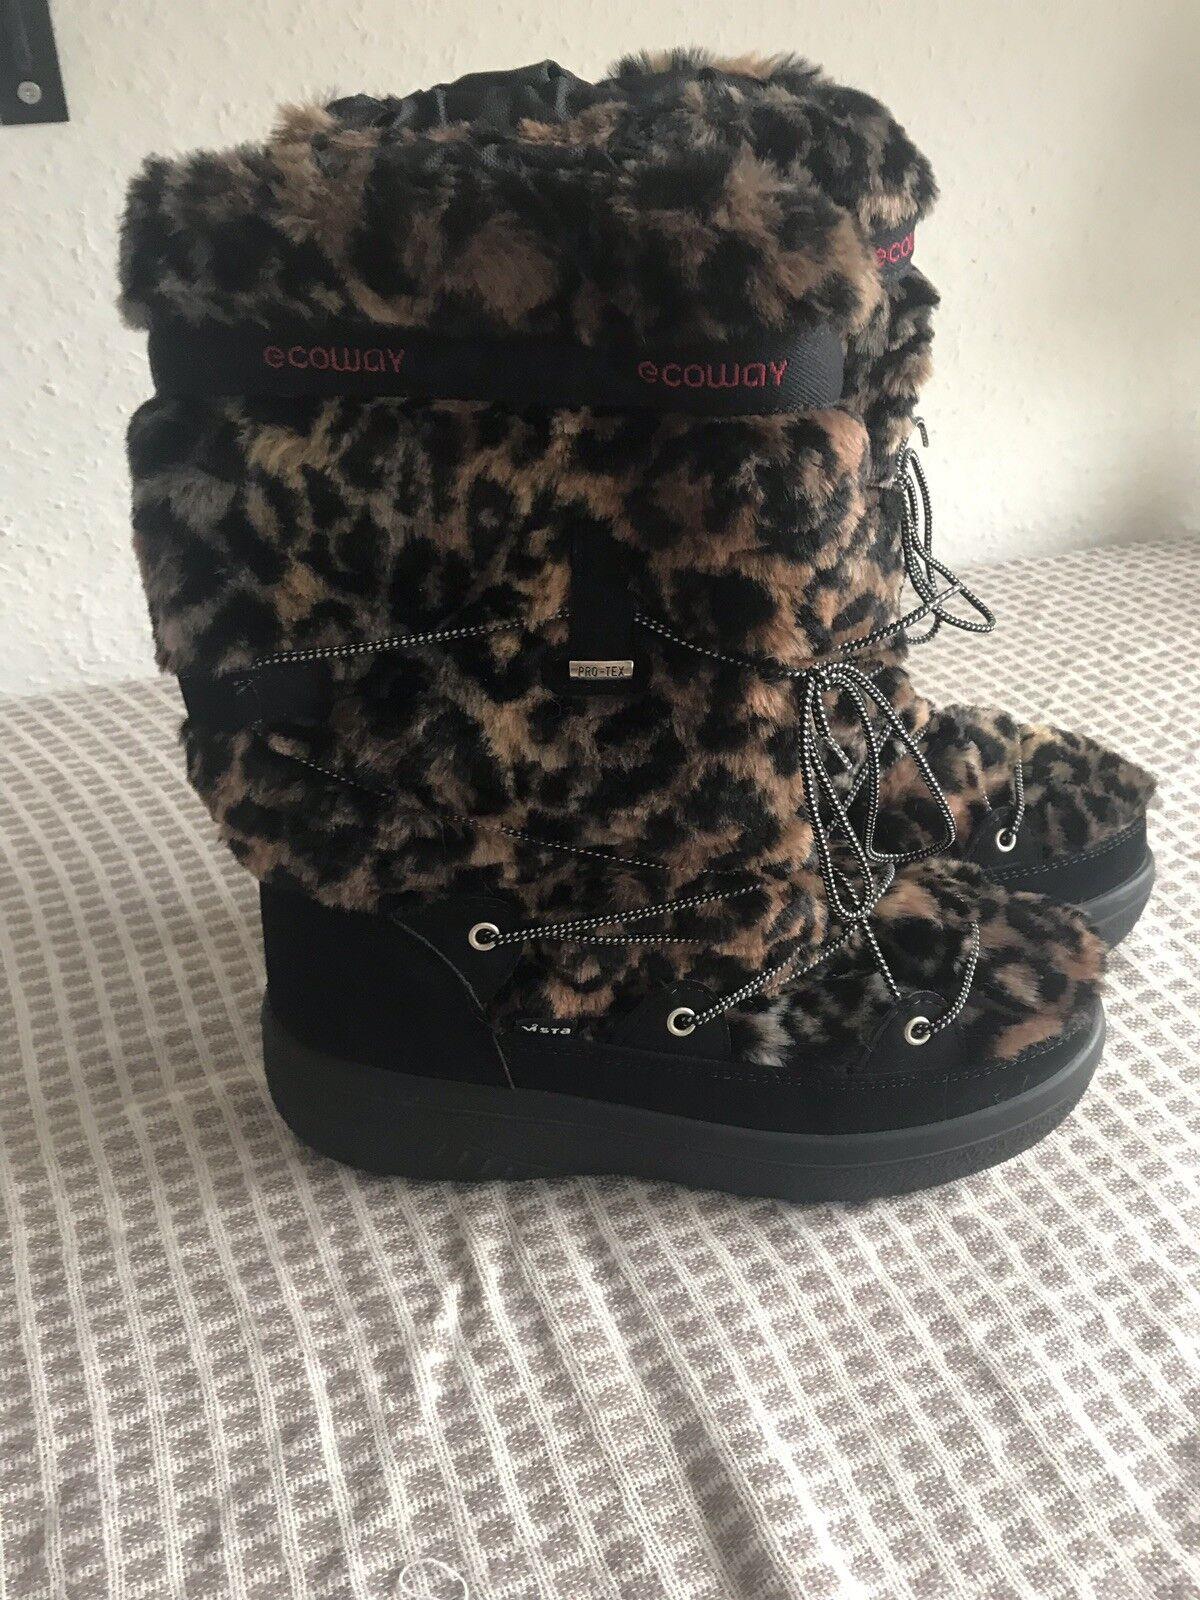 Schneestiefel,Neu, Ecoway , Leoparden Muster, Größe 42, Warm Stiefel, Stiefel